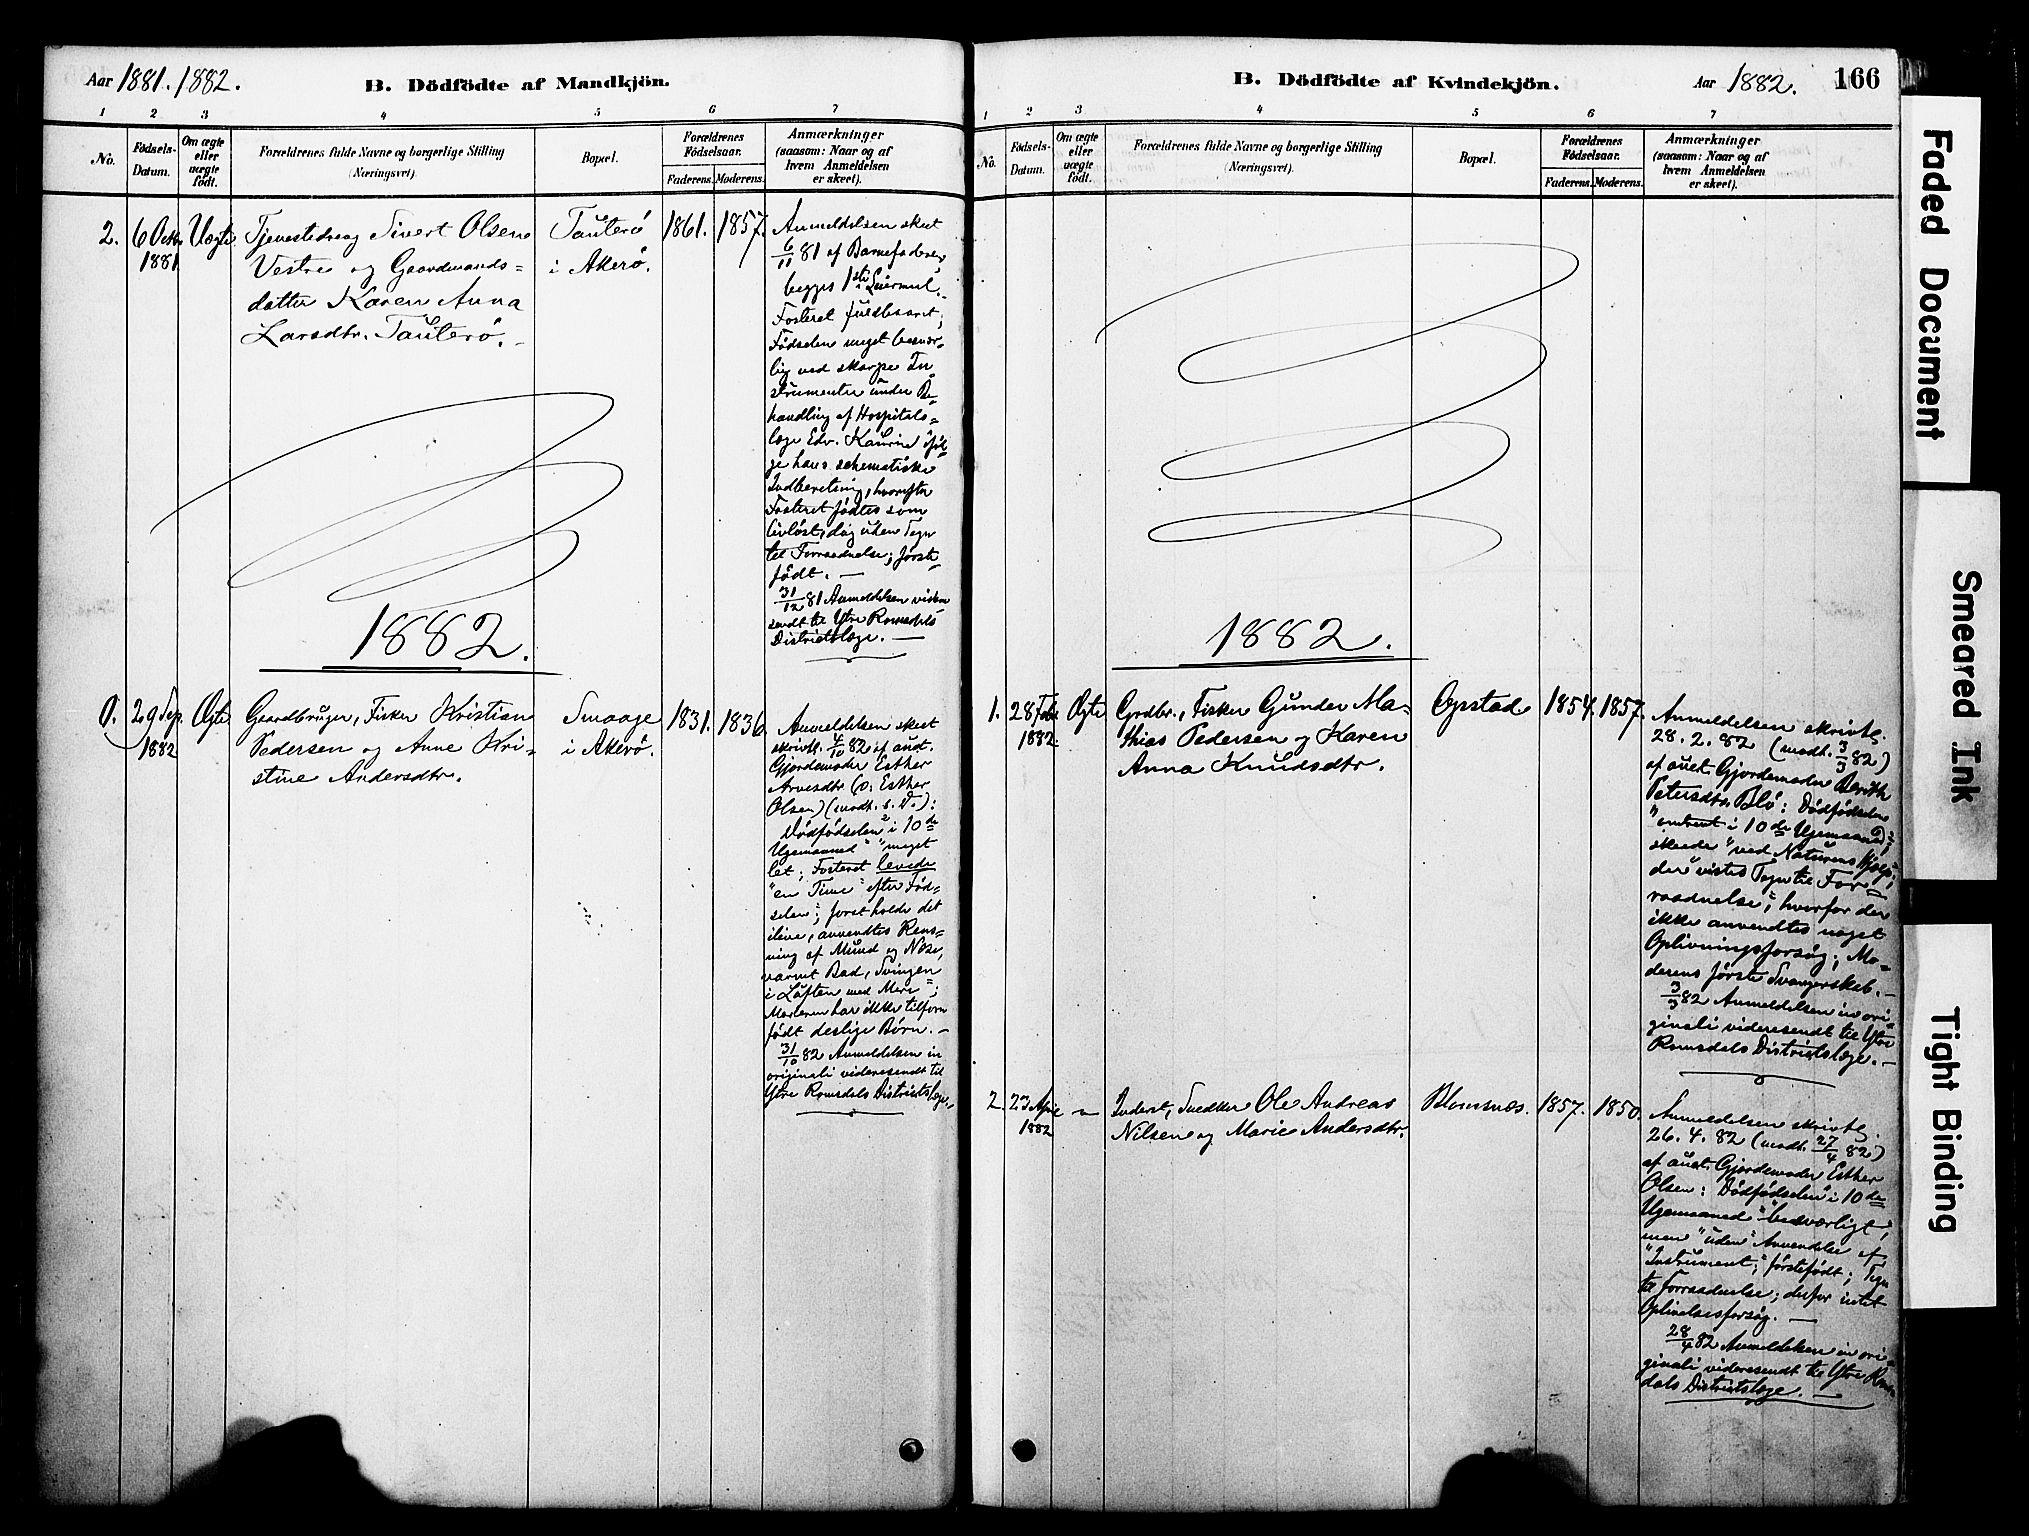 SAT, Ministerialprotokoller, klokkerbøker og fødselsregistre - Møre og Romsdal, 560/L0721: Ministerialbok nr. 560A05, 1878-1917, s. 166